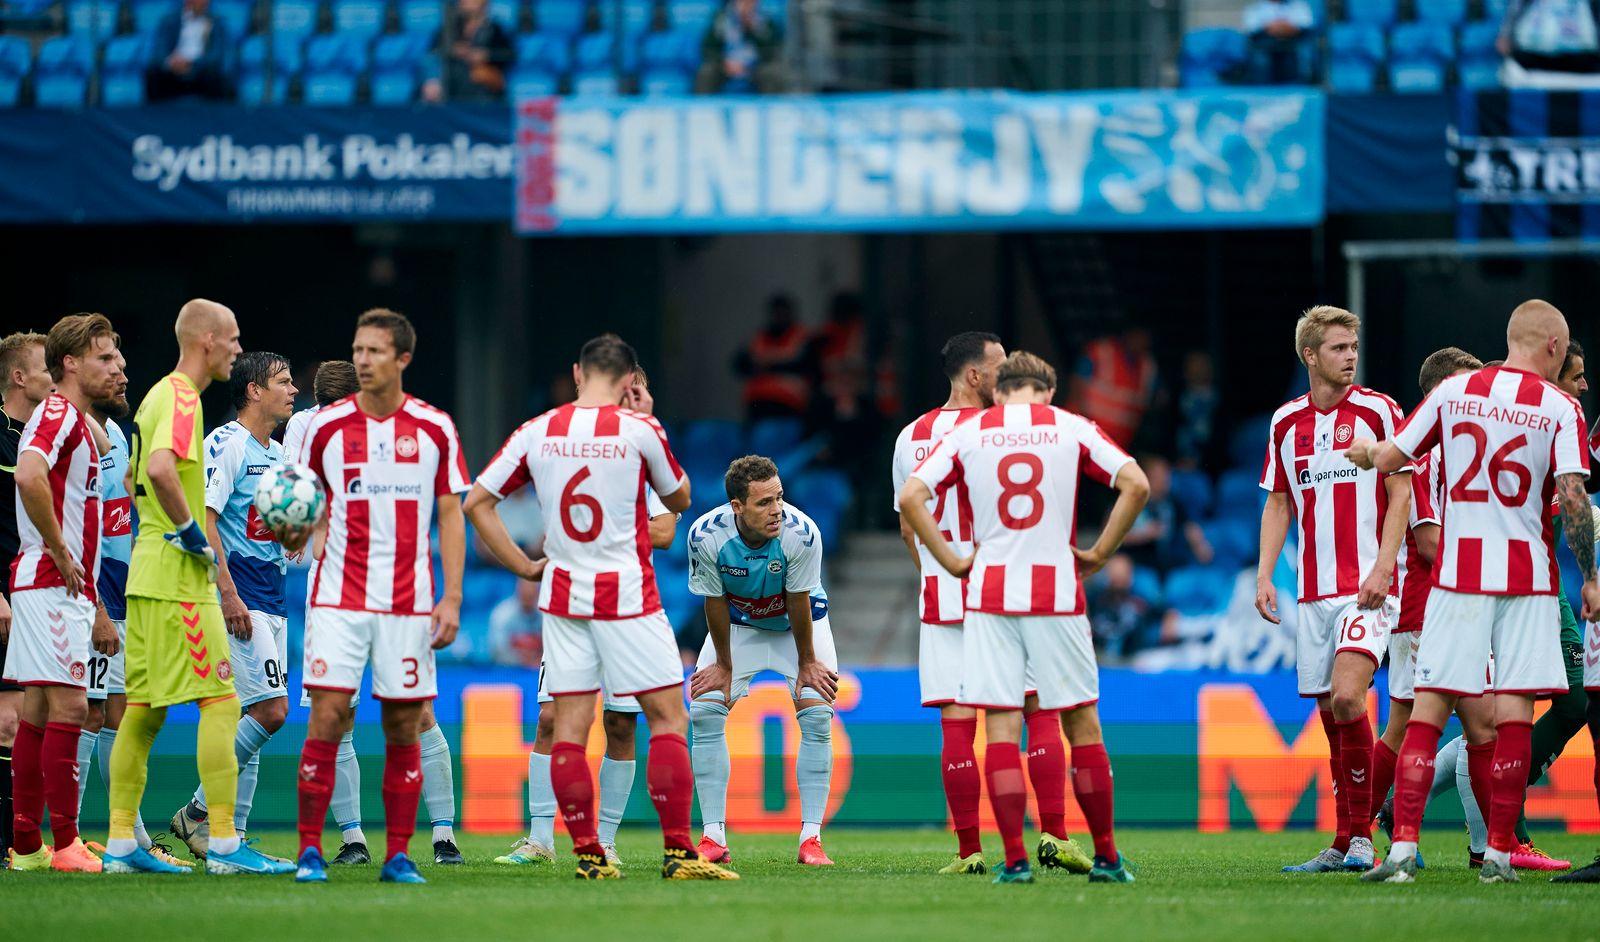 AaB Aalborg vs Sonderjyske - Danish Cup Final Sydbankpokalen